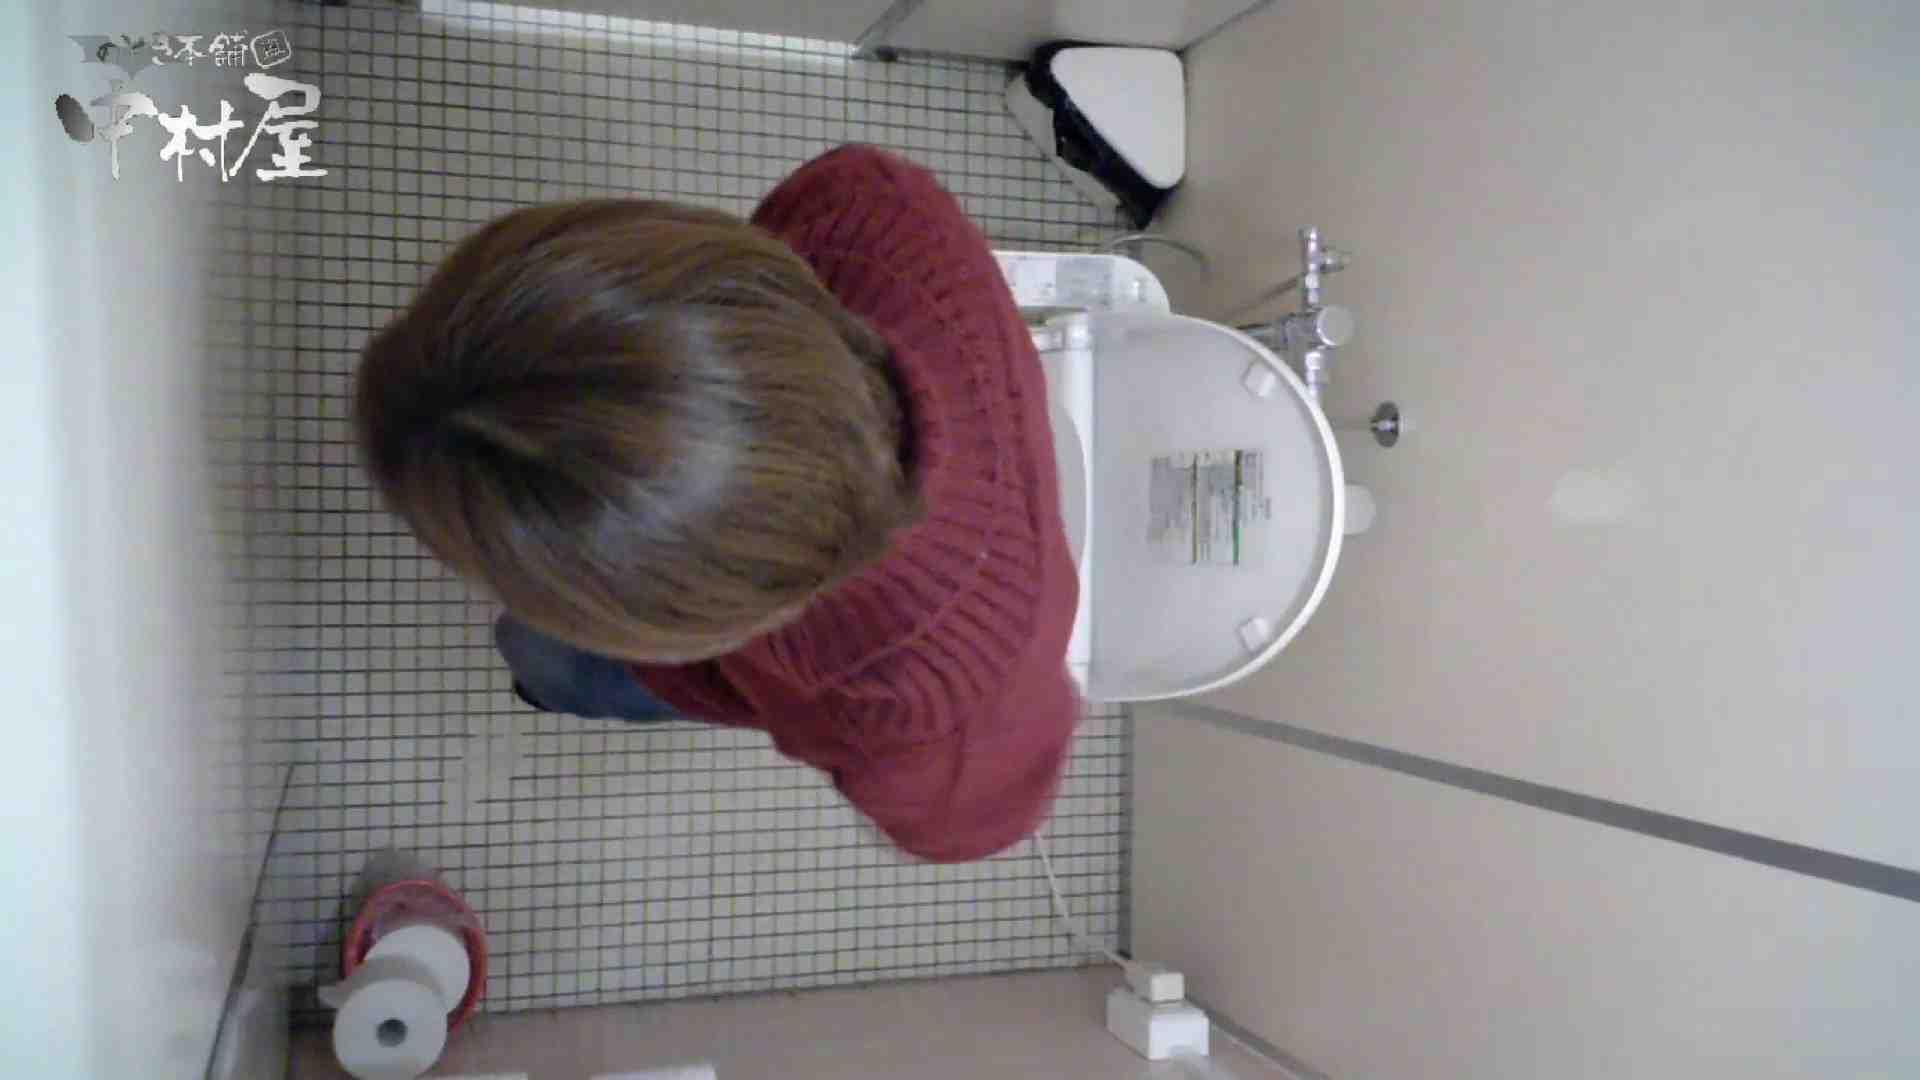 有名大学女性洗面所 Vol.52 ストッキングの最後の「くいっ!」がたまりません 投稿 AV無料動画キャプチャ 83pic 69